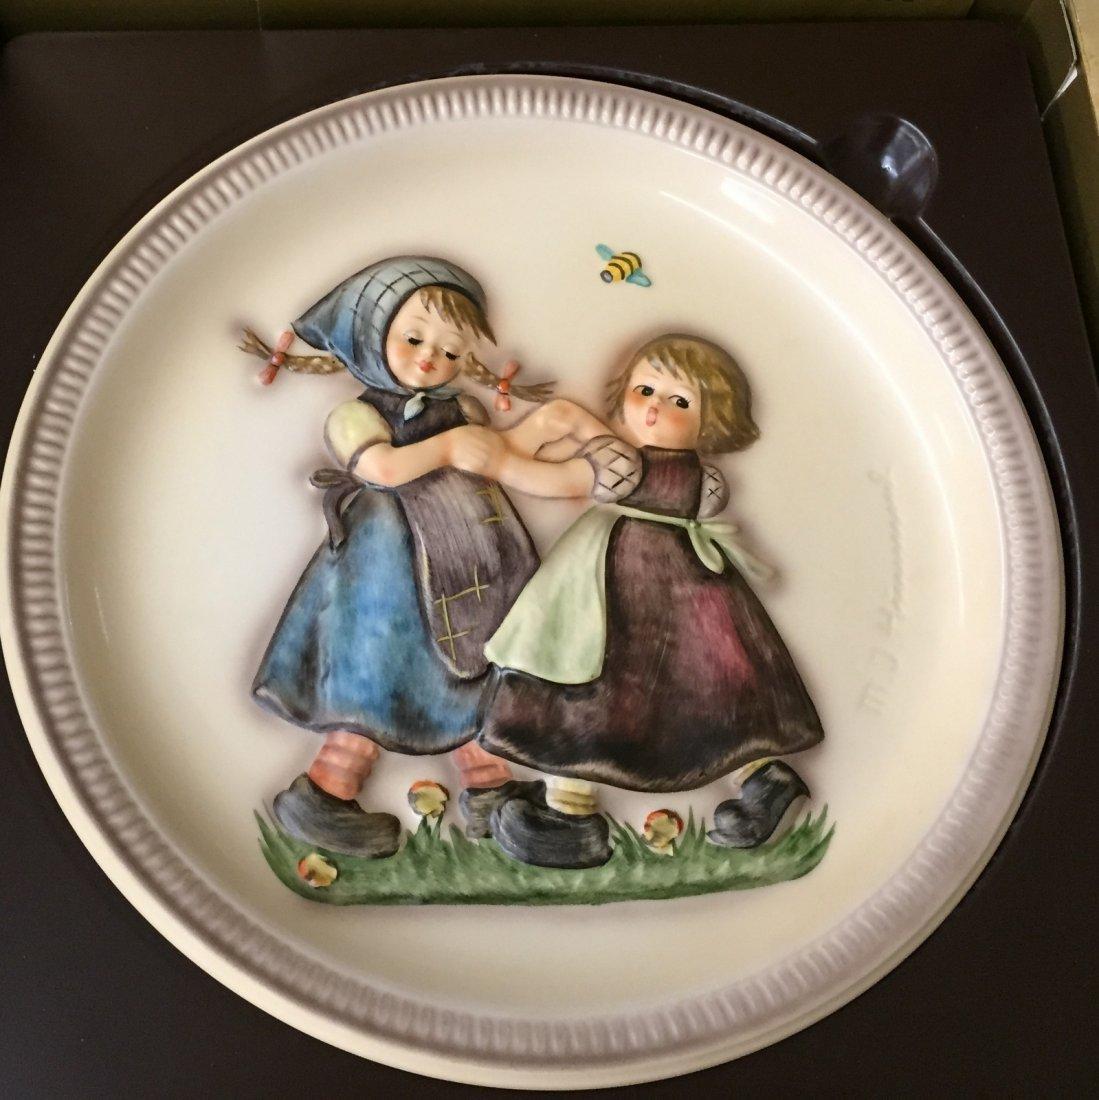 Hummel Anniversary Plate: Ring Around the Rosie; #281 - 2